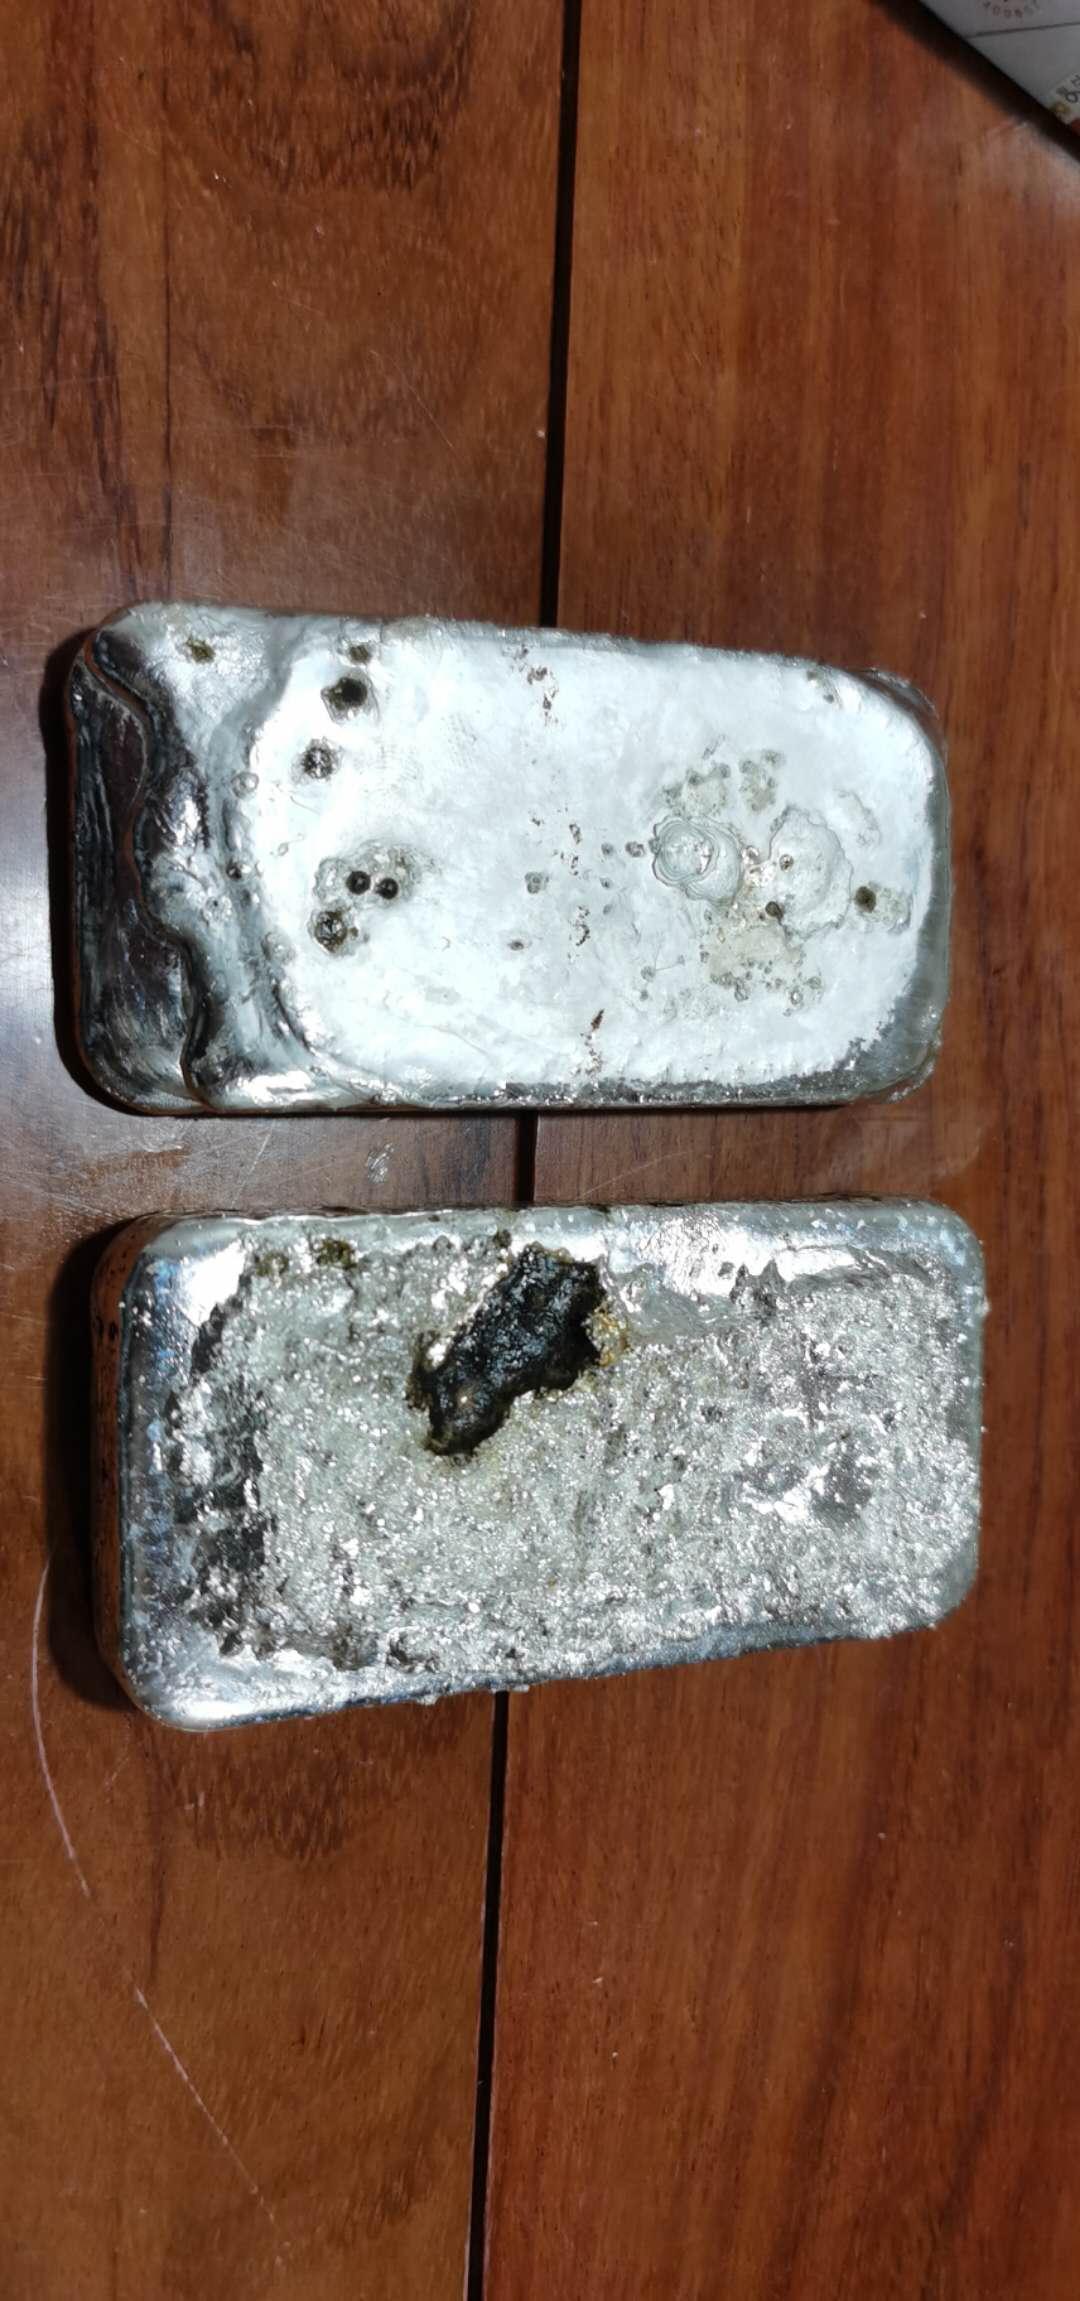 海棉铂回收-日照海棉铂回收-全国废铂催化剂回收-海棉铂回收收购价格